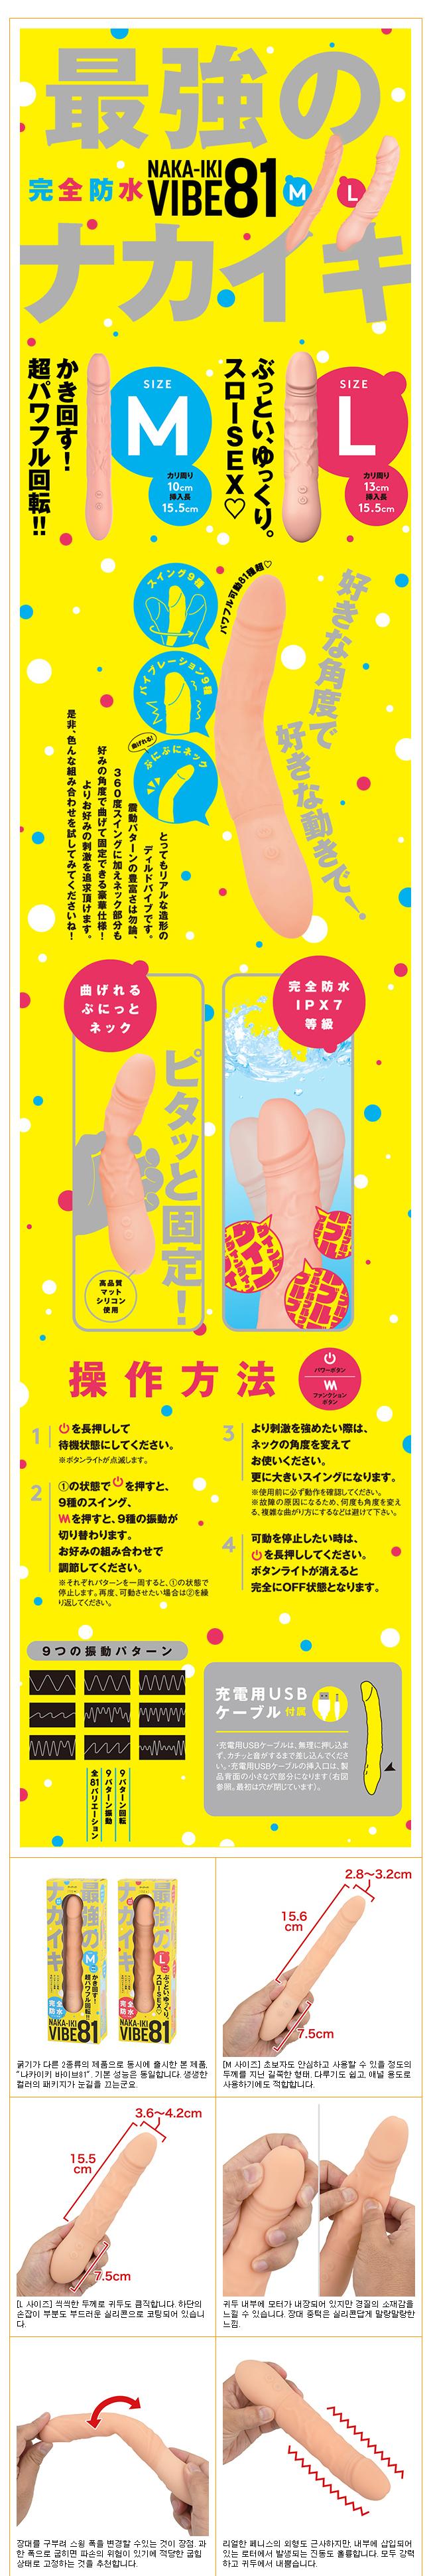 [일본 직수입] 생활방수 나카이키 바이브 81(完全防水 ナカイキバイブ81)